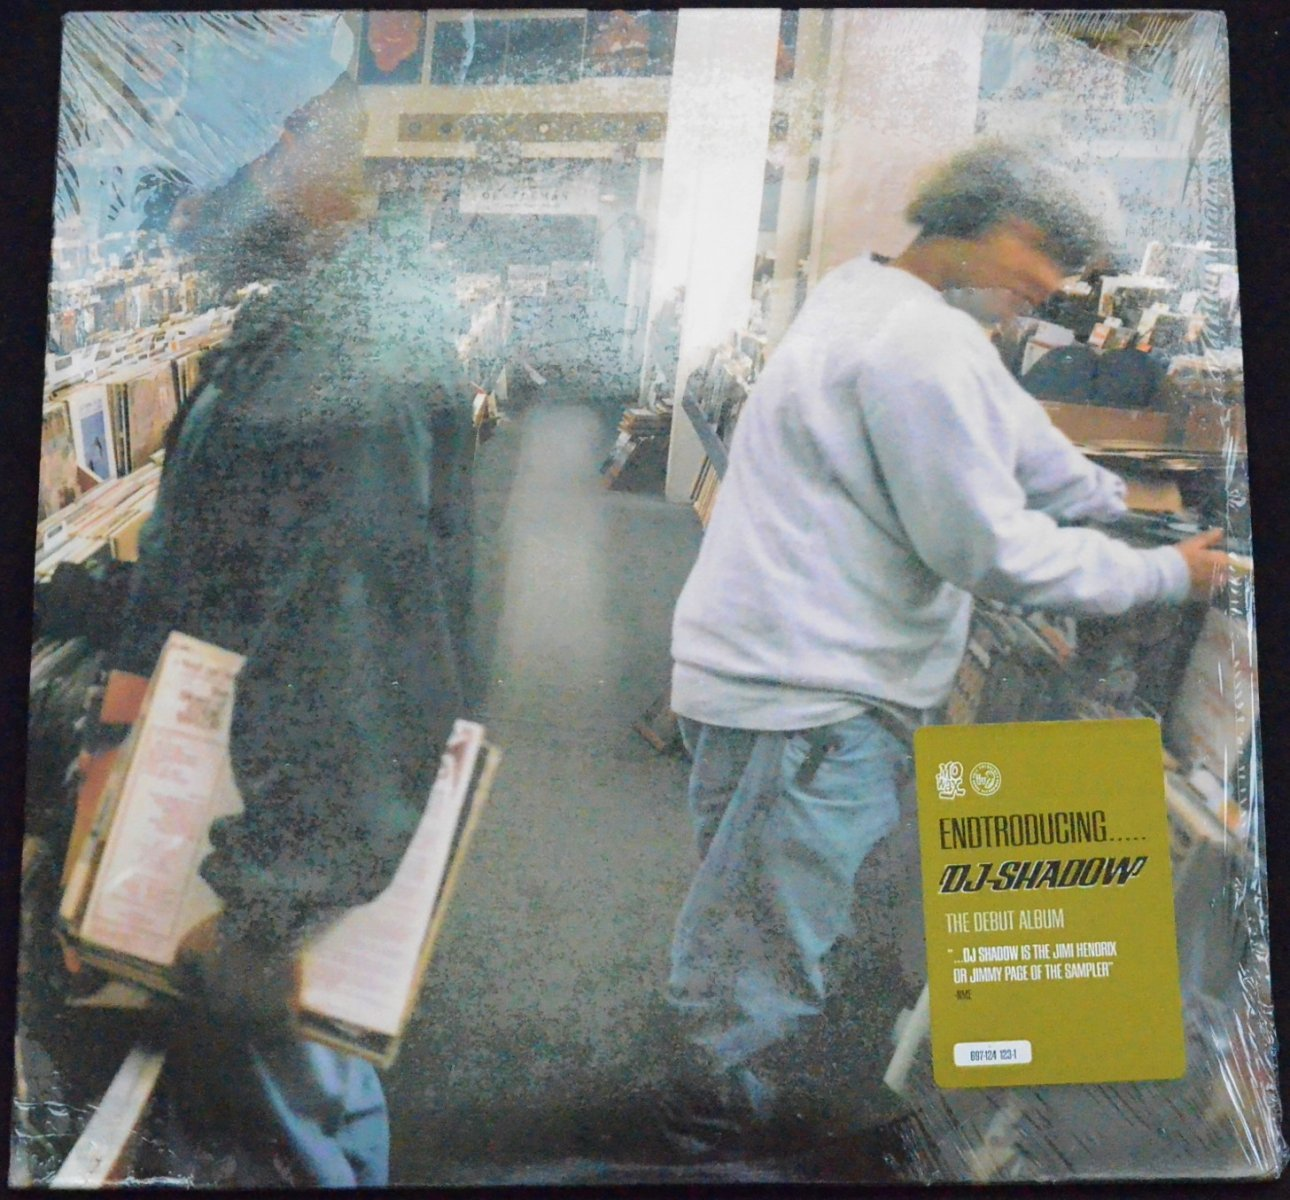 DJ SHADOW / ENDTRODUCING..... (2LP)